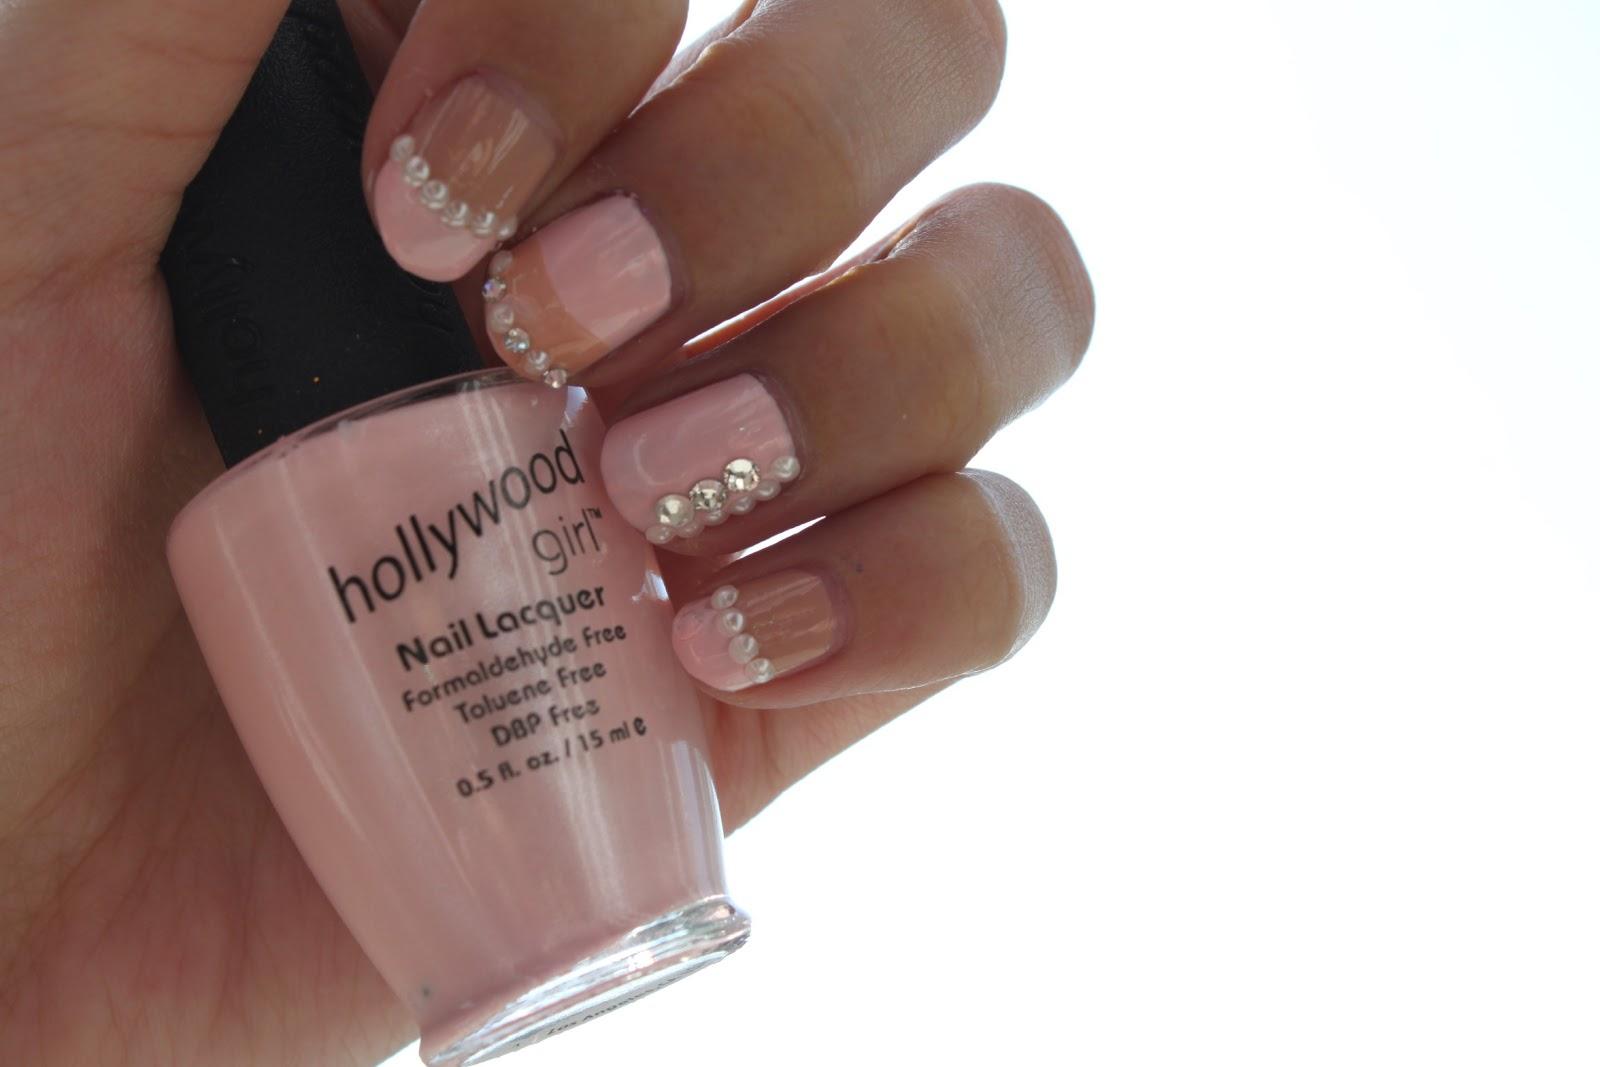 Baby girl pink nail polish